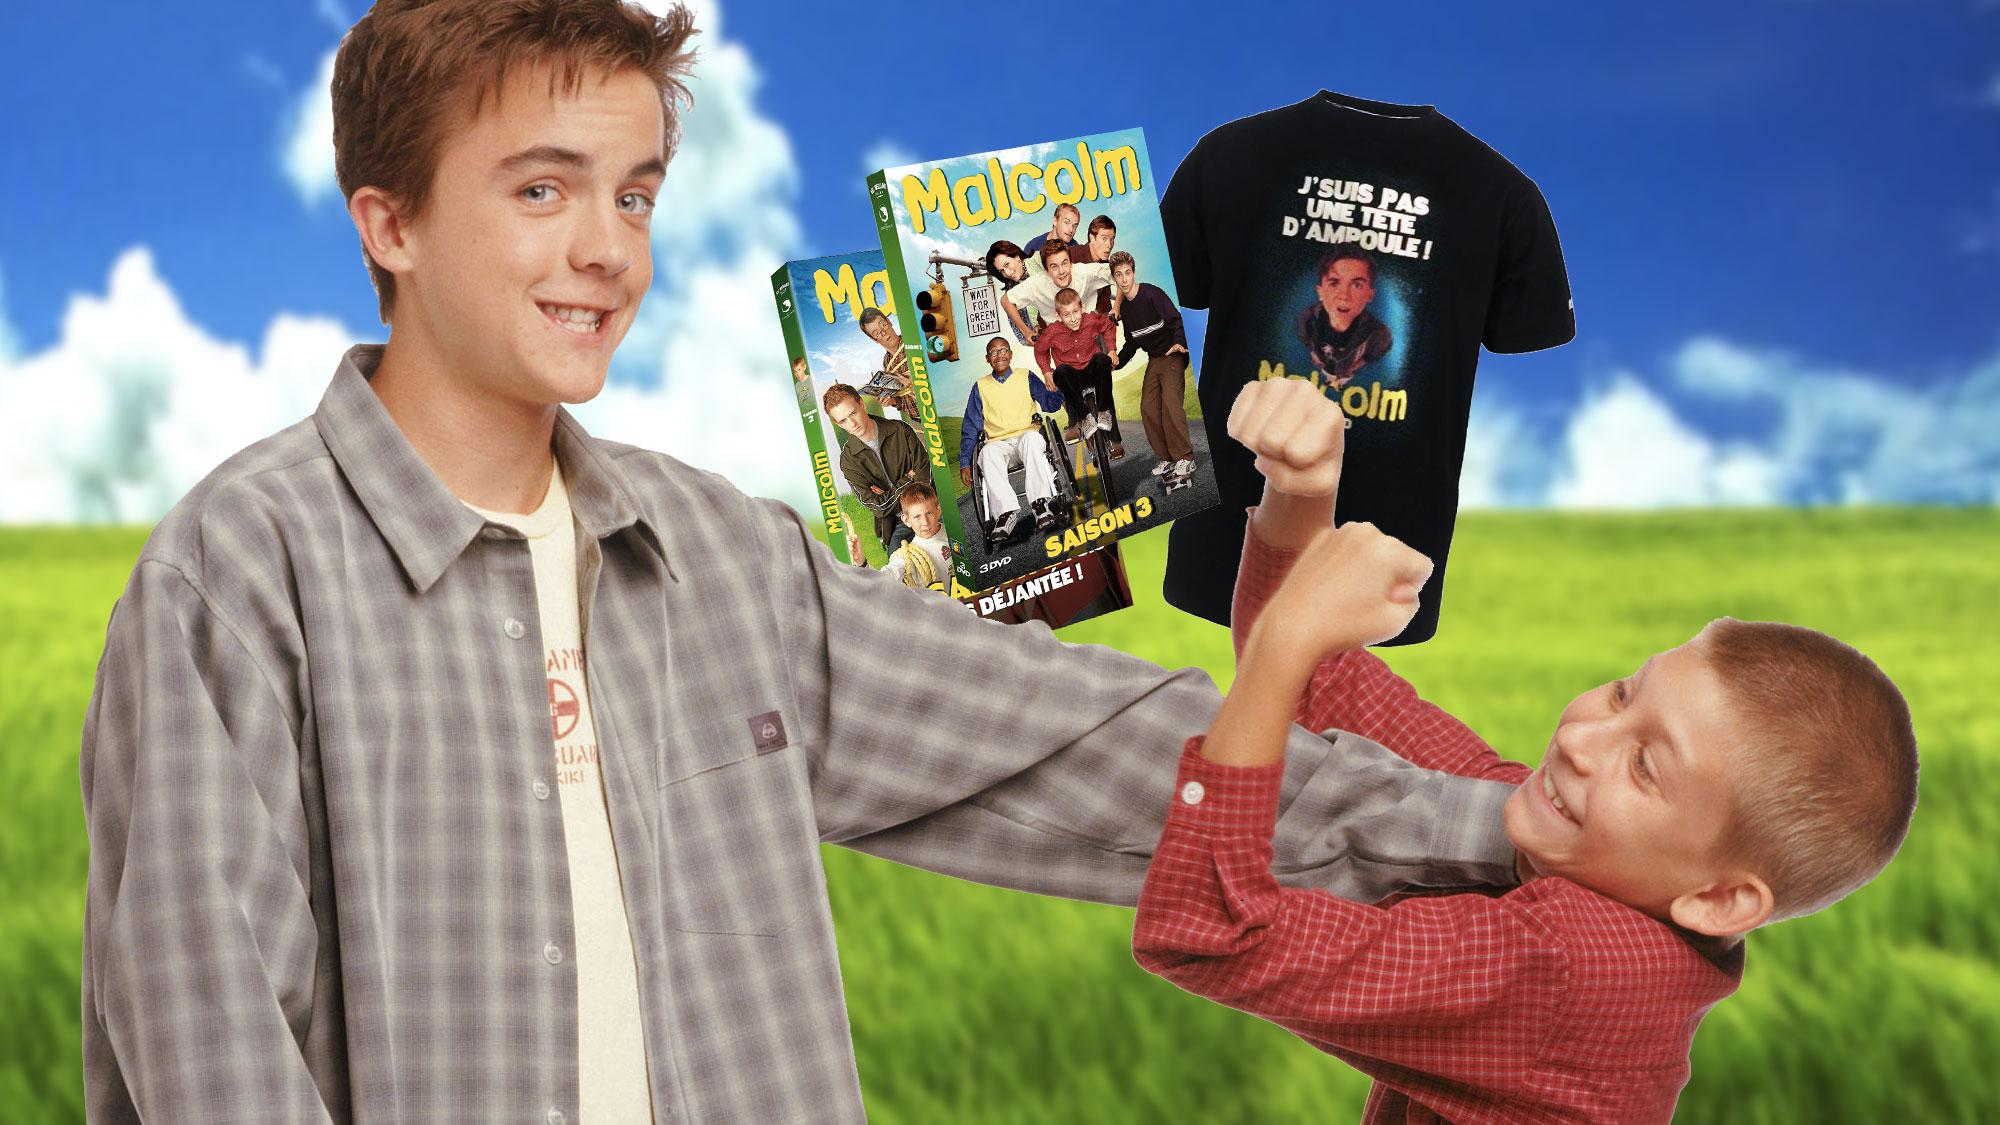 Jeu concours. Des coffrets DVD <em>Malcolm</em> saisons 2 et 3 à gagner !